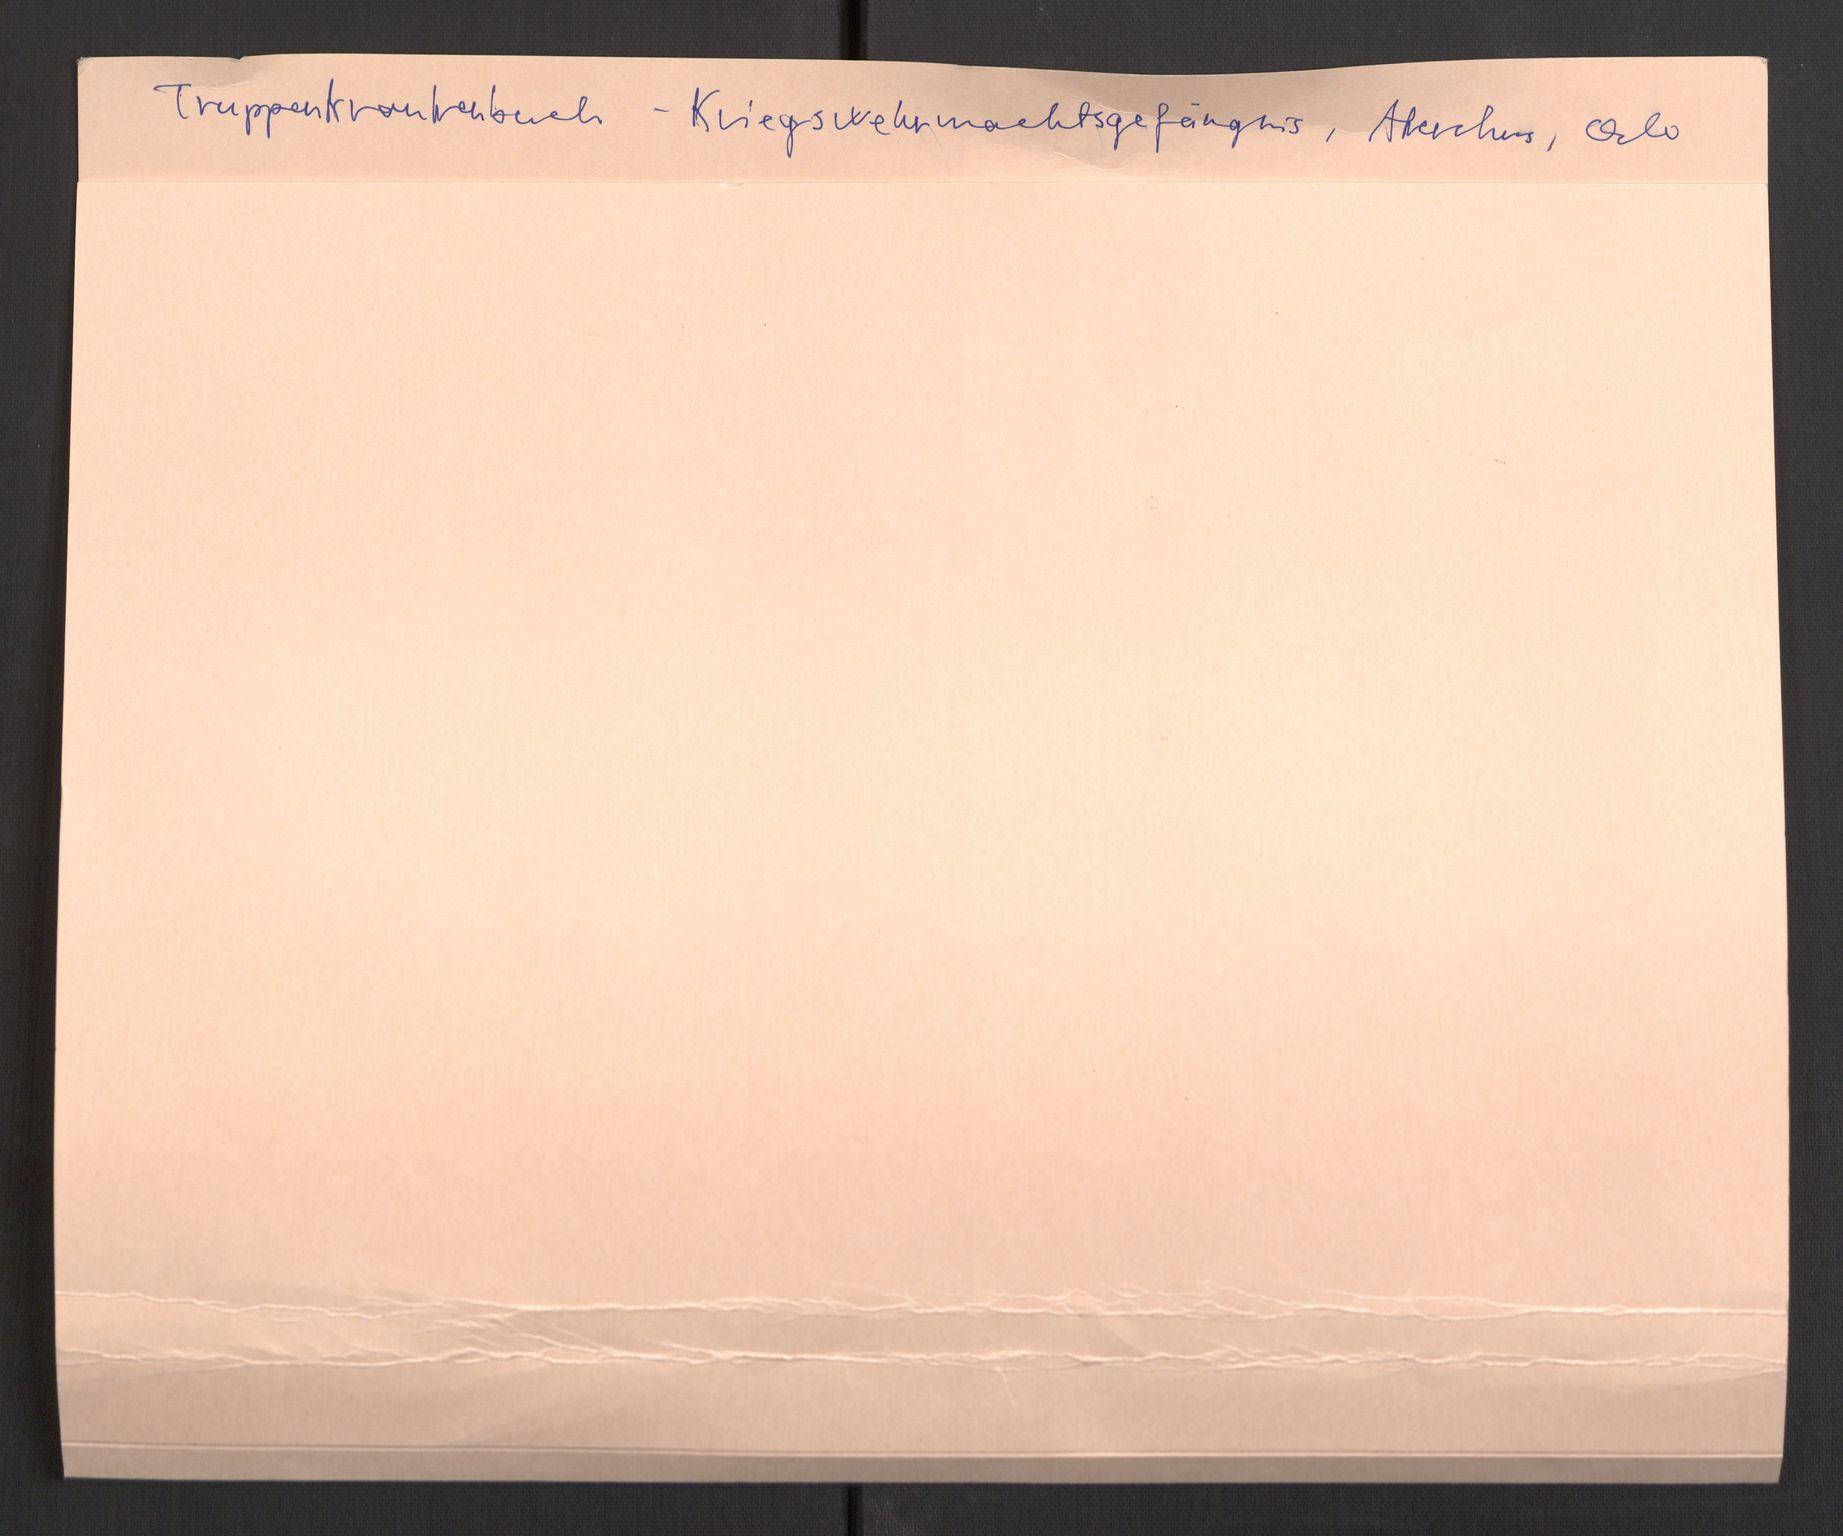 RA, Befehlshaber der Sicherheitspolizei und des SD, E/Eb/L0005: Materiale fra sykestua, 1944-1945